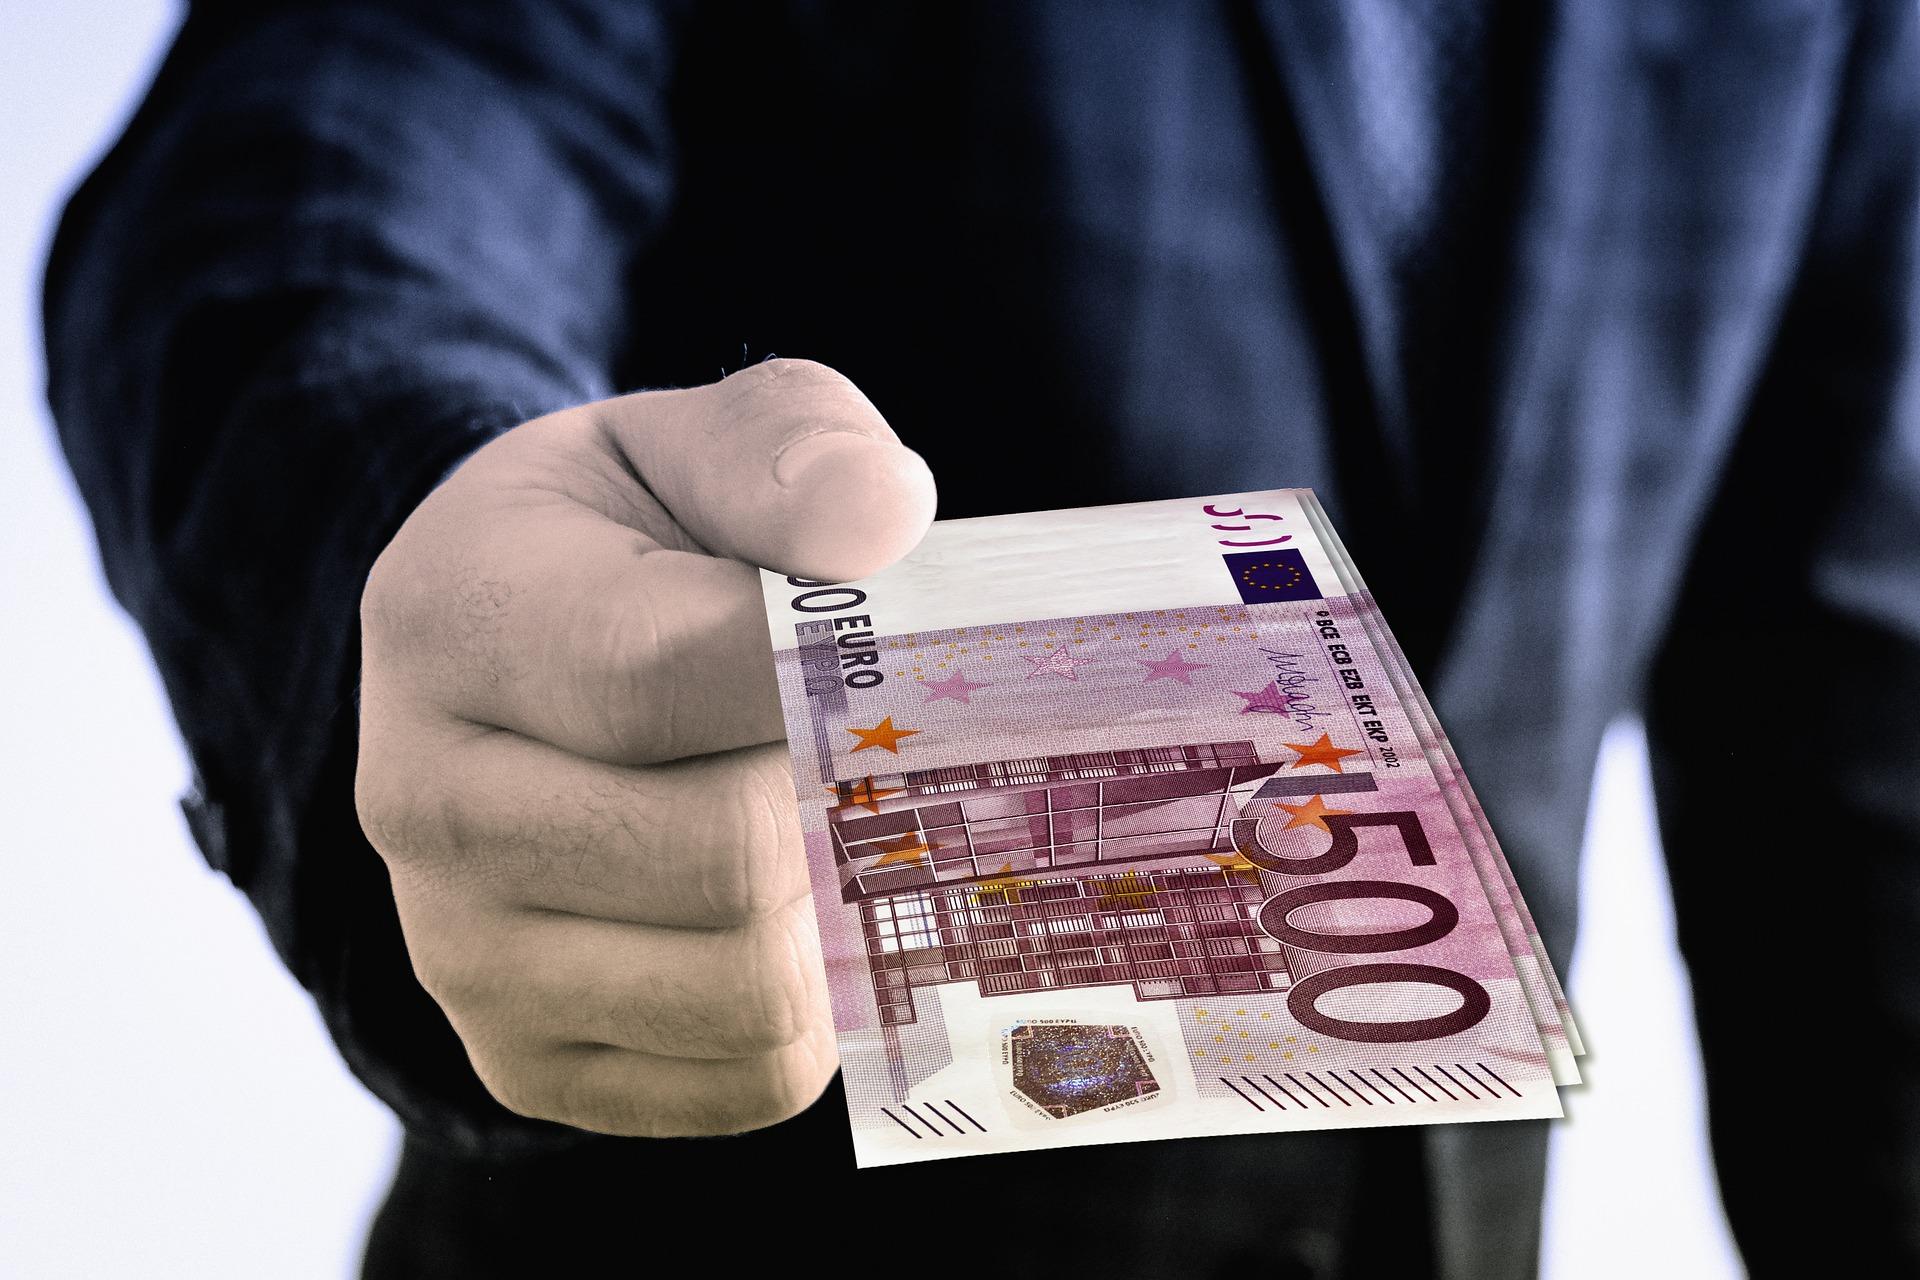 Pozytywne zmiany dla przedsiębiorców korzystających z dofinansowania w ramach poddziałań 2.2.1 i 1.1.1 RPO WP 2014 – 2020